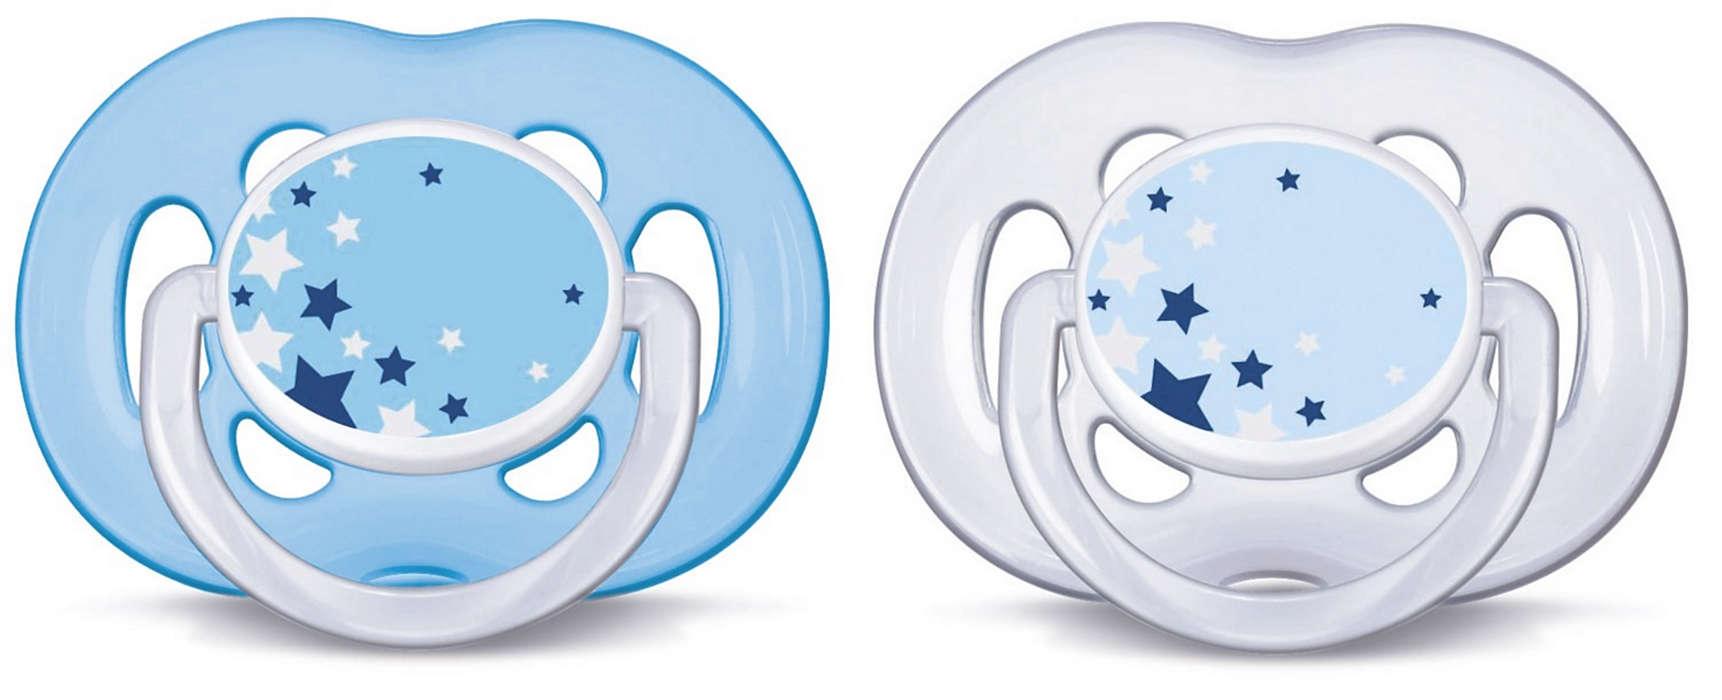 Fluxo de ar extra para a pele do bebê